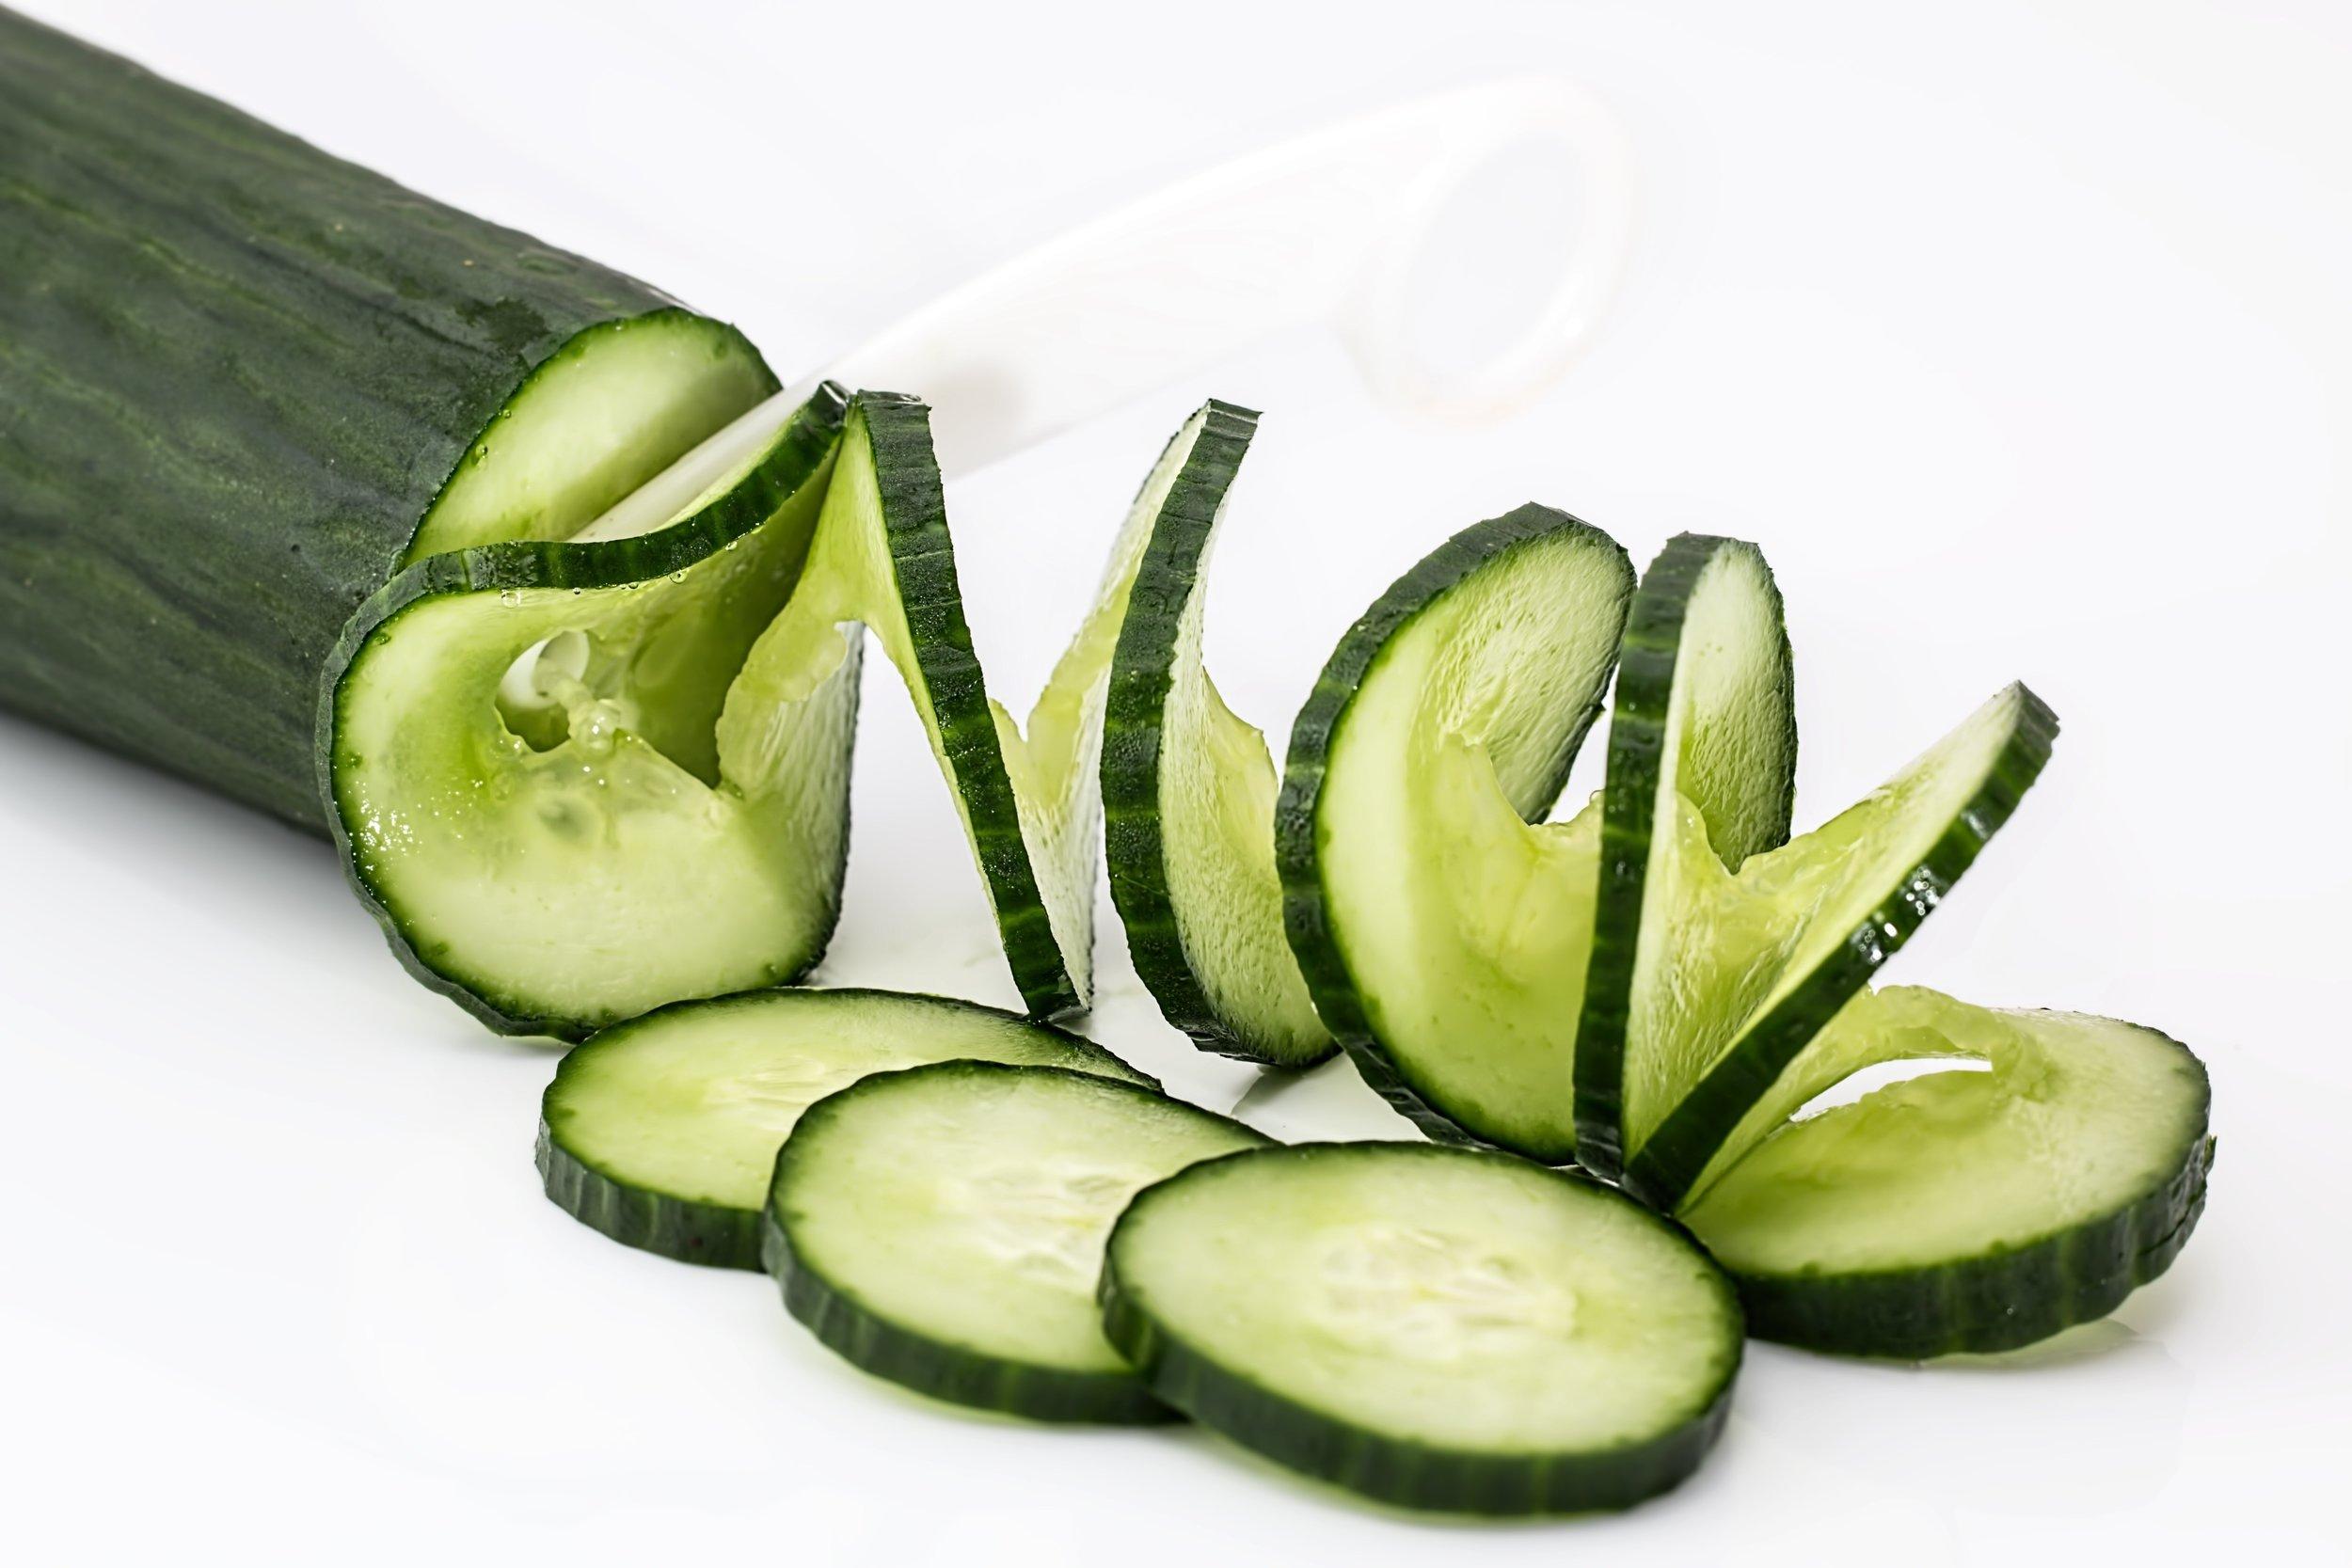 Tzatziki - When life gives you cucumbers...